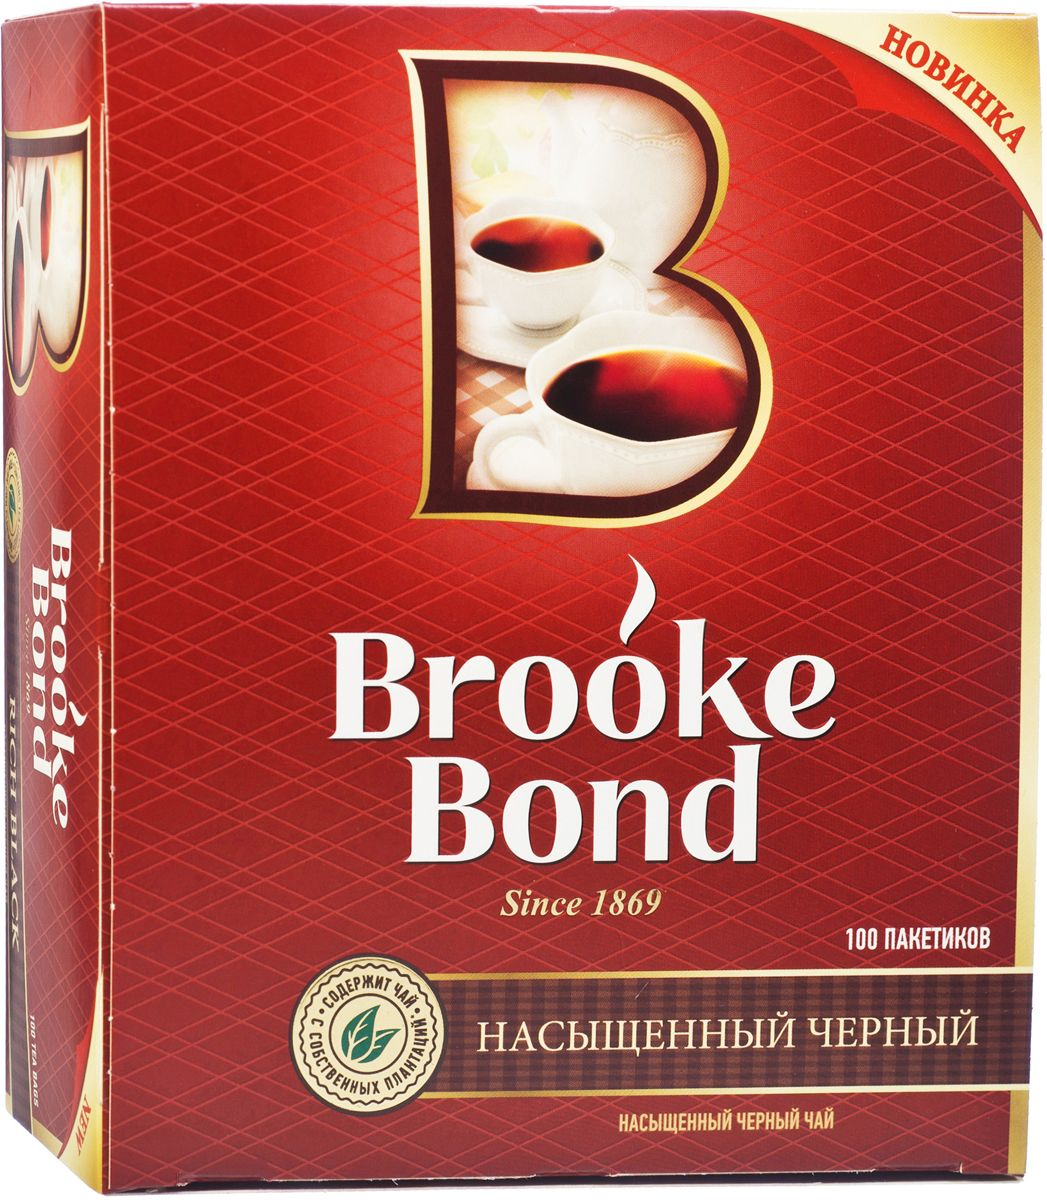 Brooke Bond Насыщенный черный чай в пакетиках, 100 шт21153965/65415506